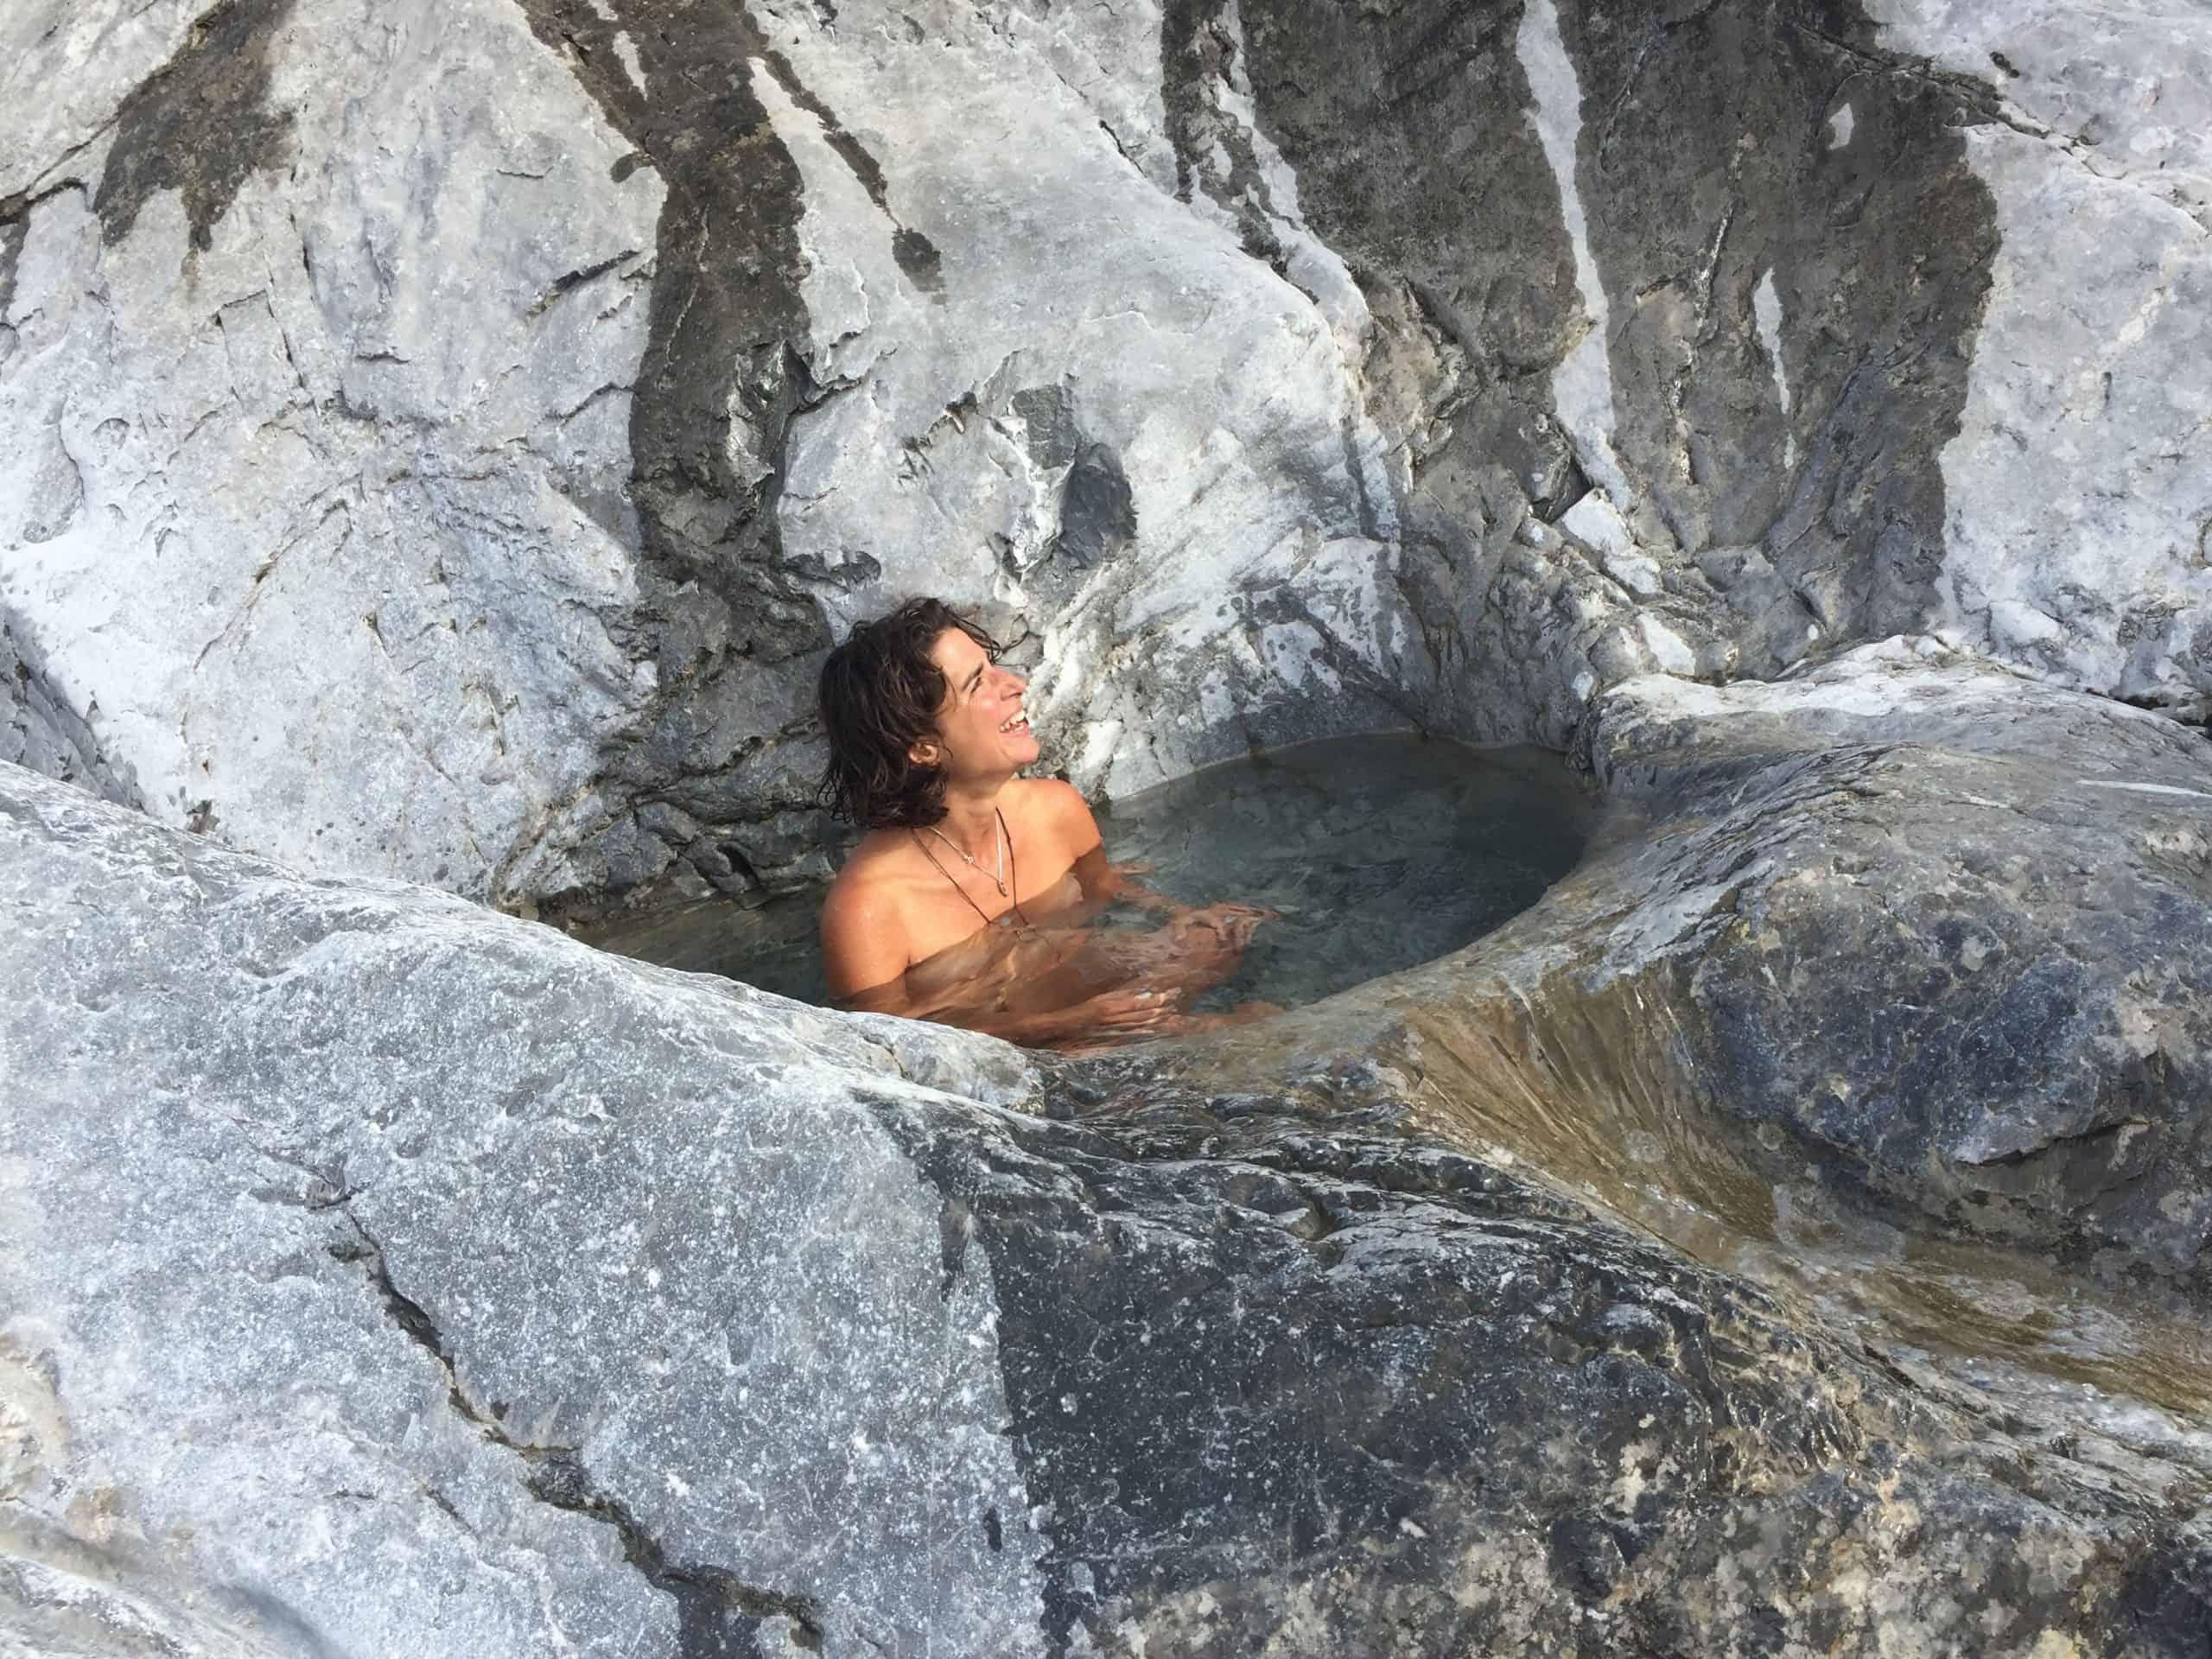 auszeit schweiz, baden im kühlen bergbach